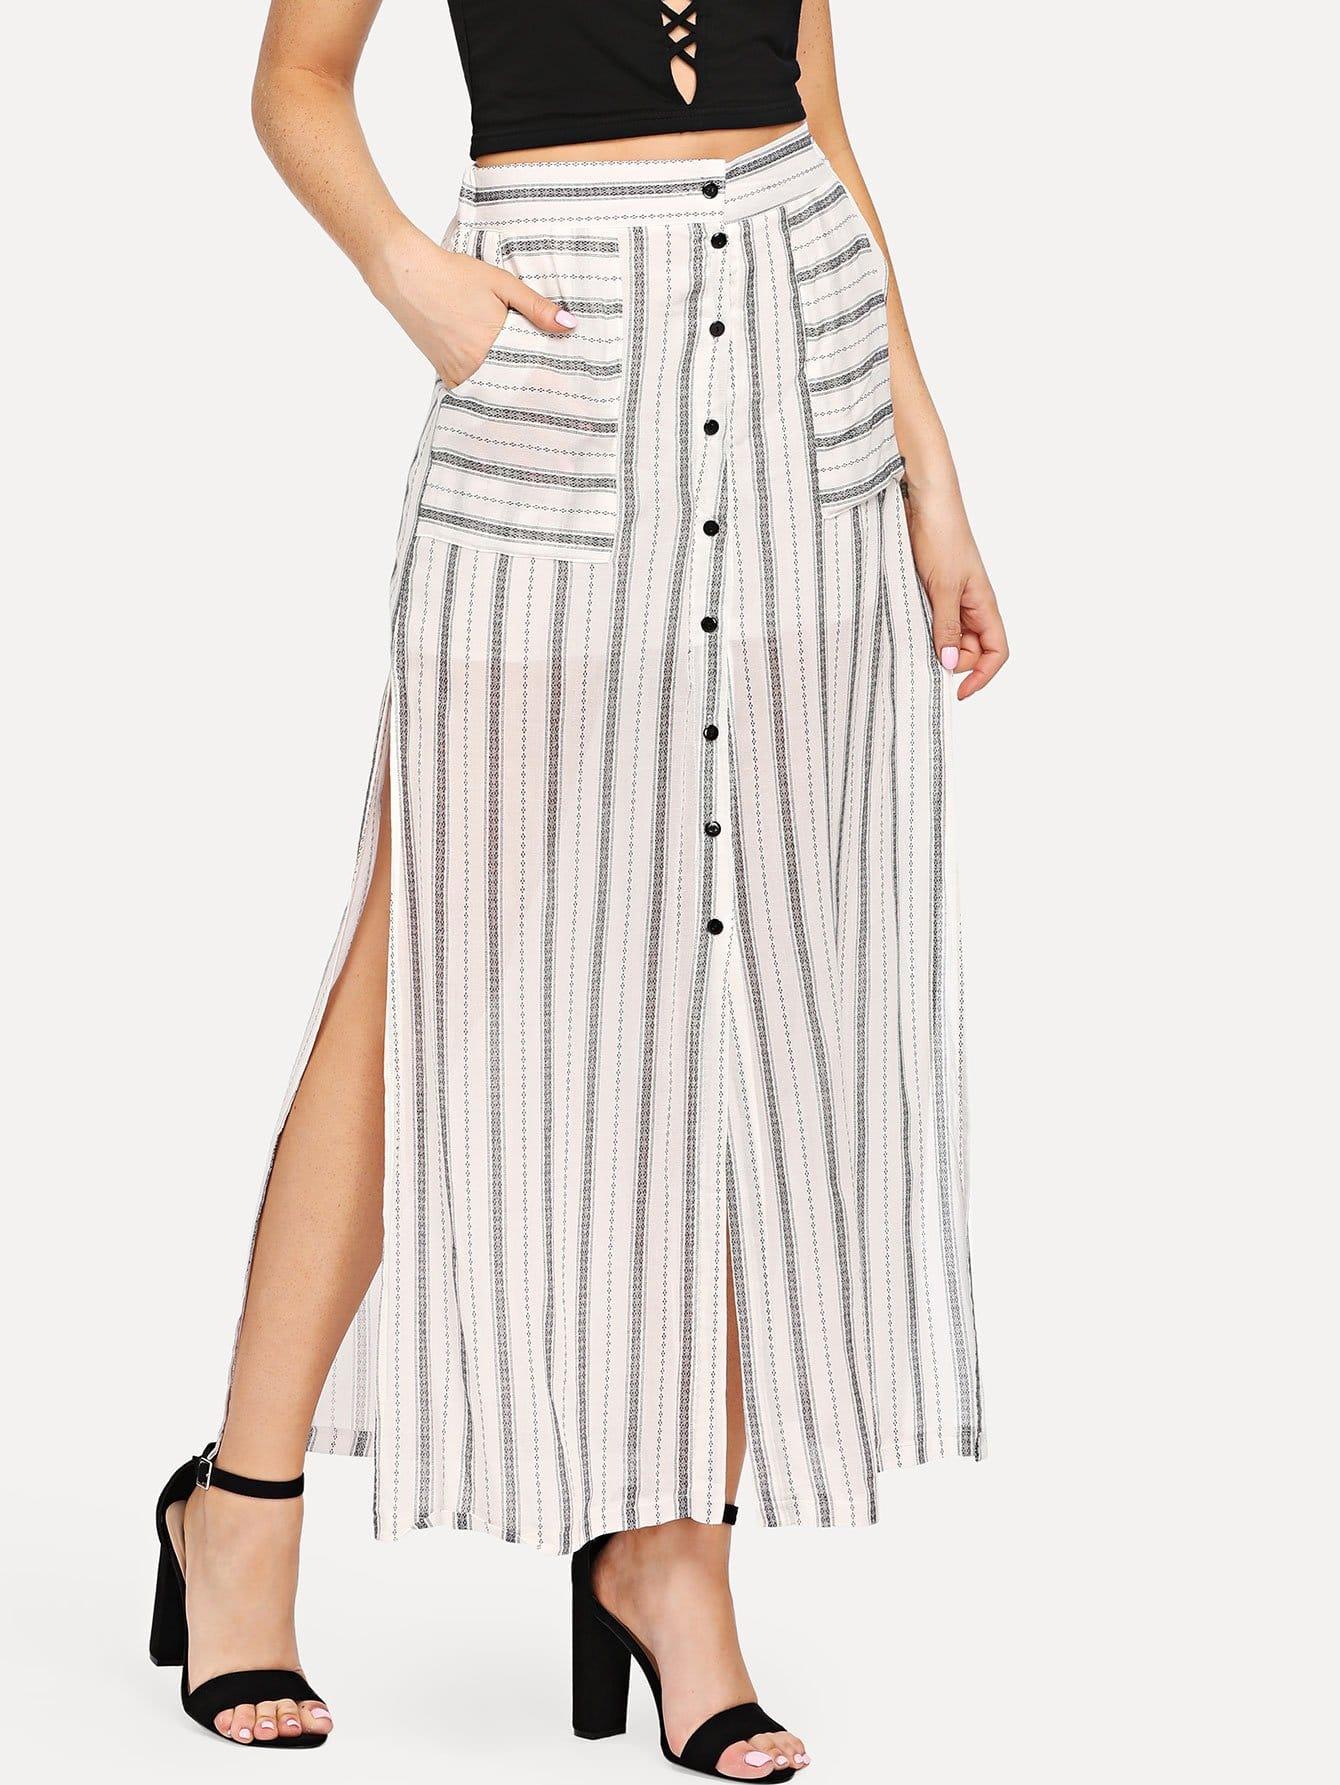 Dual Pocket Split Skirt